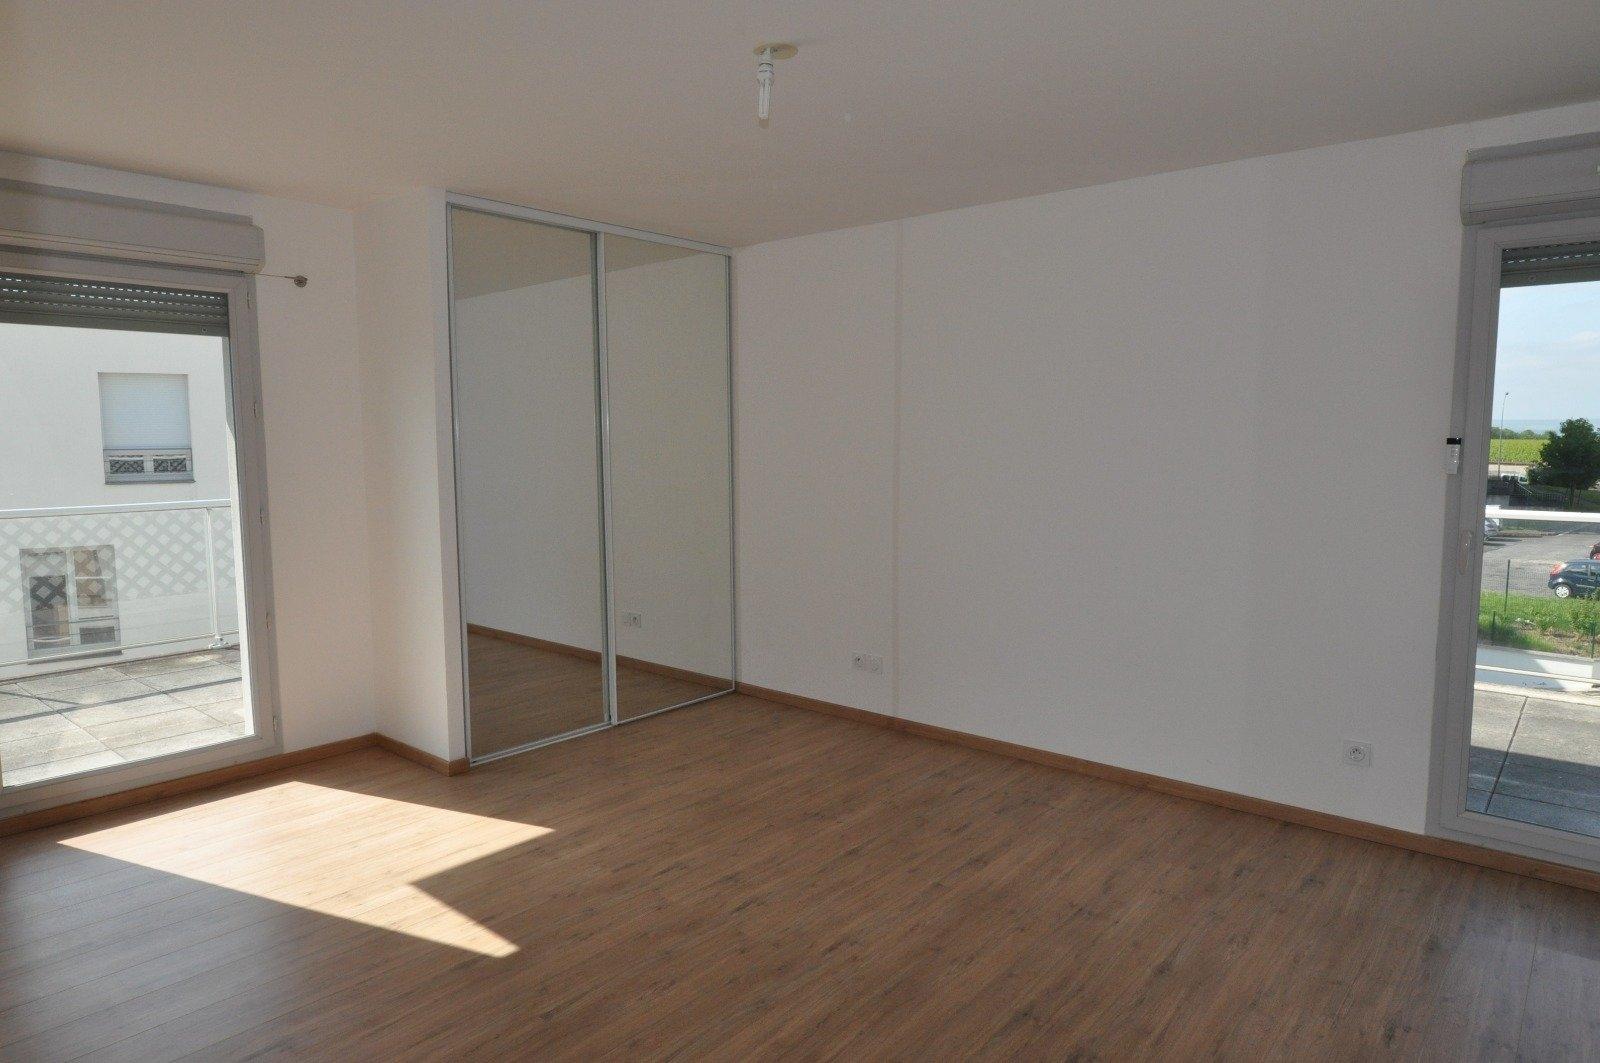 Appartement Reims 4 Pièces 89.74 m2 - 7